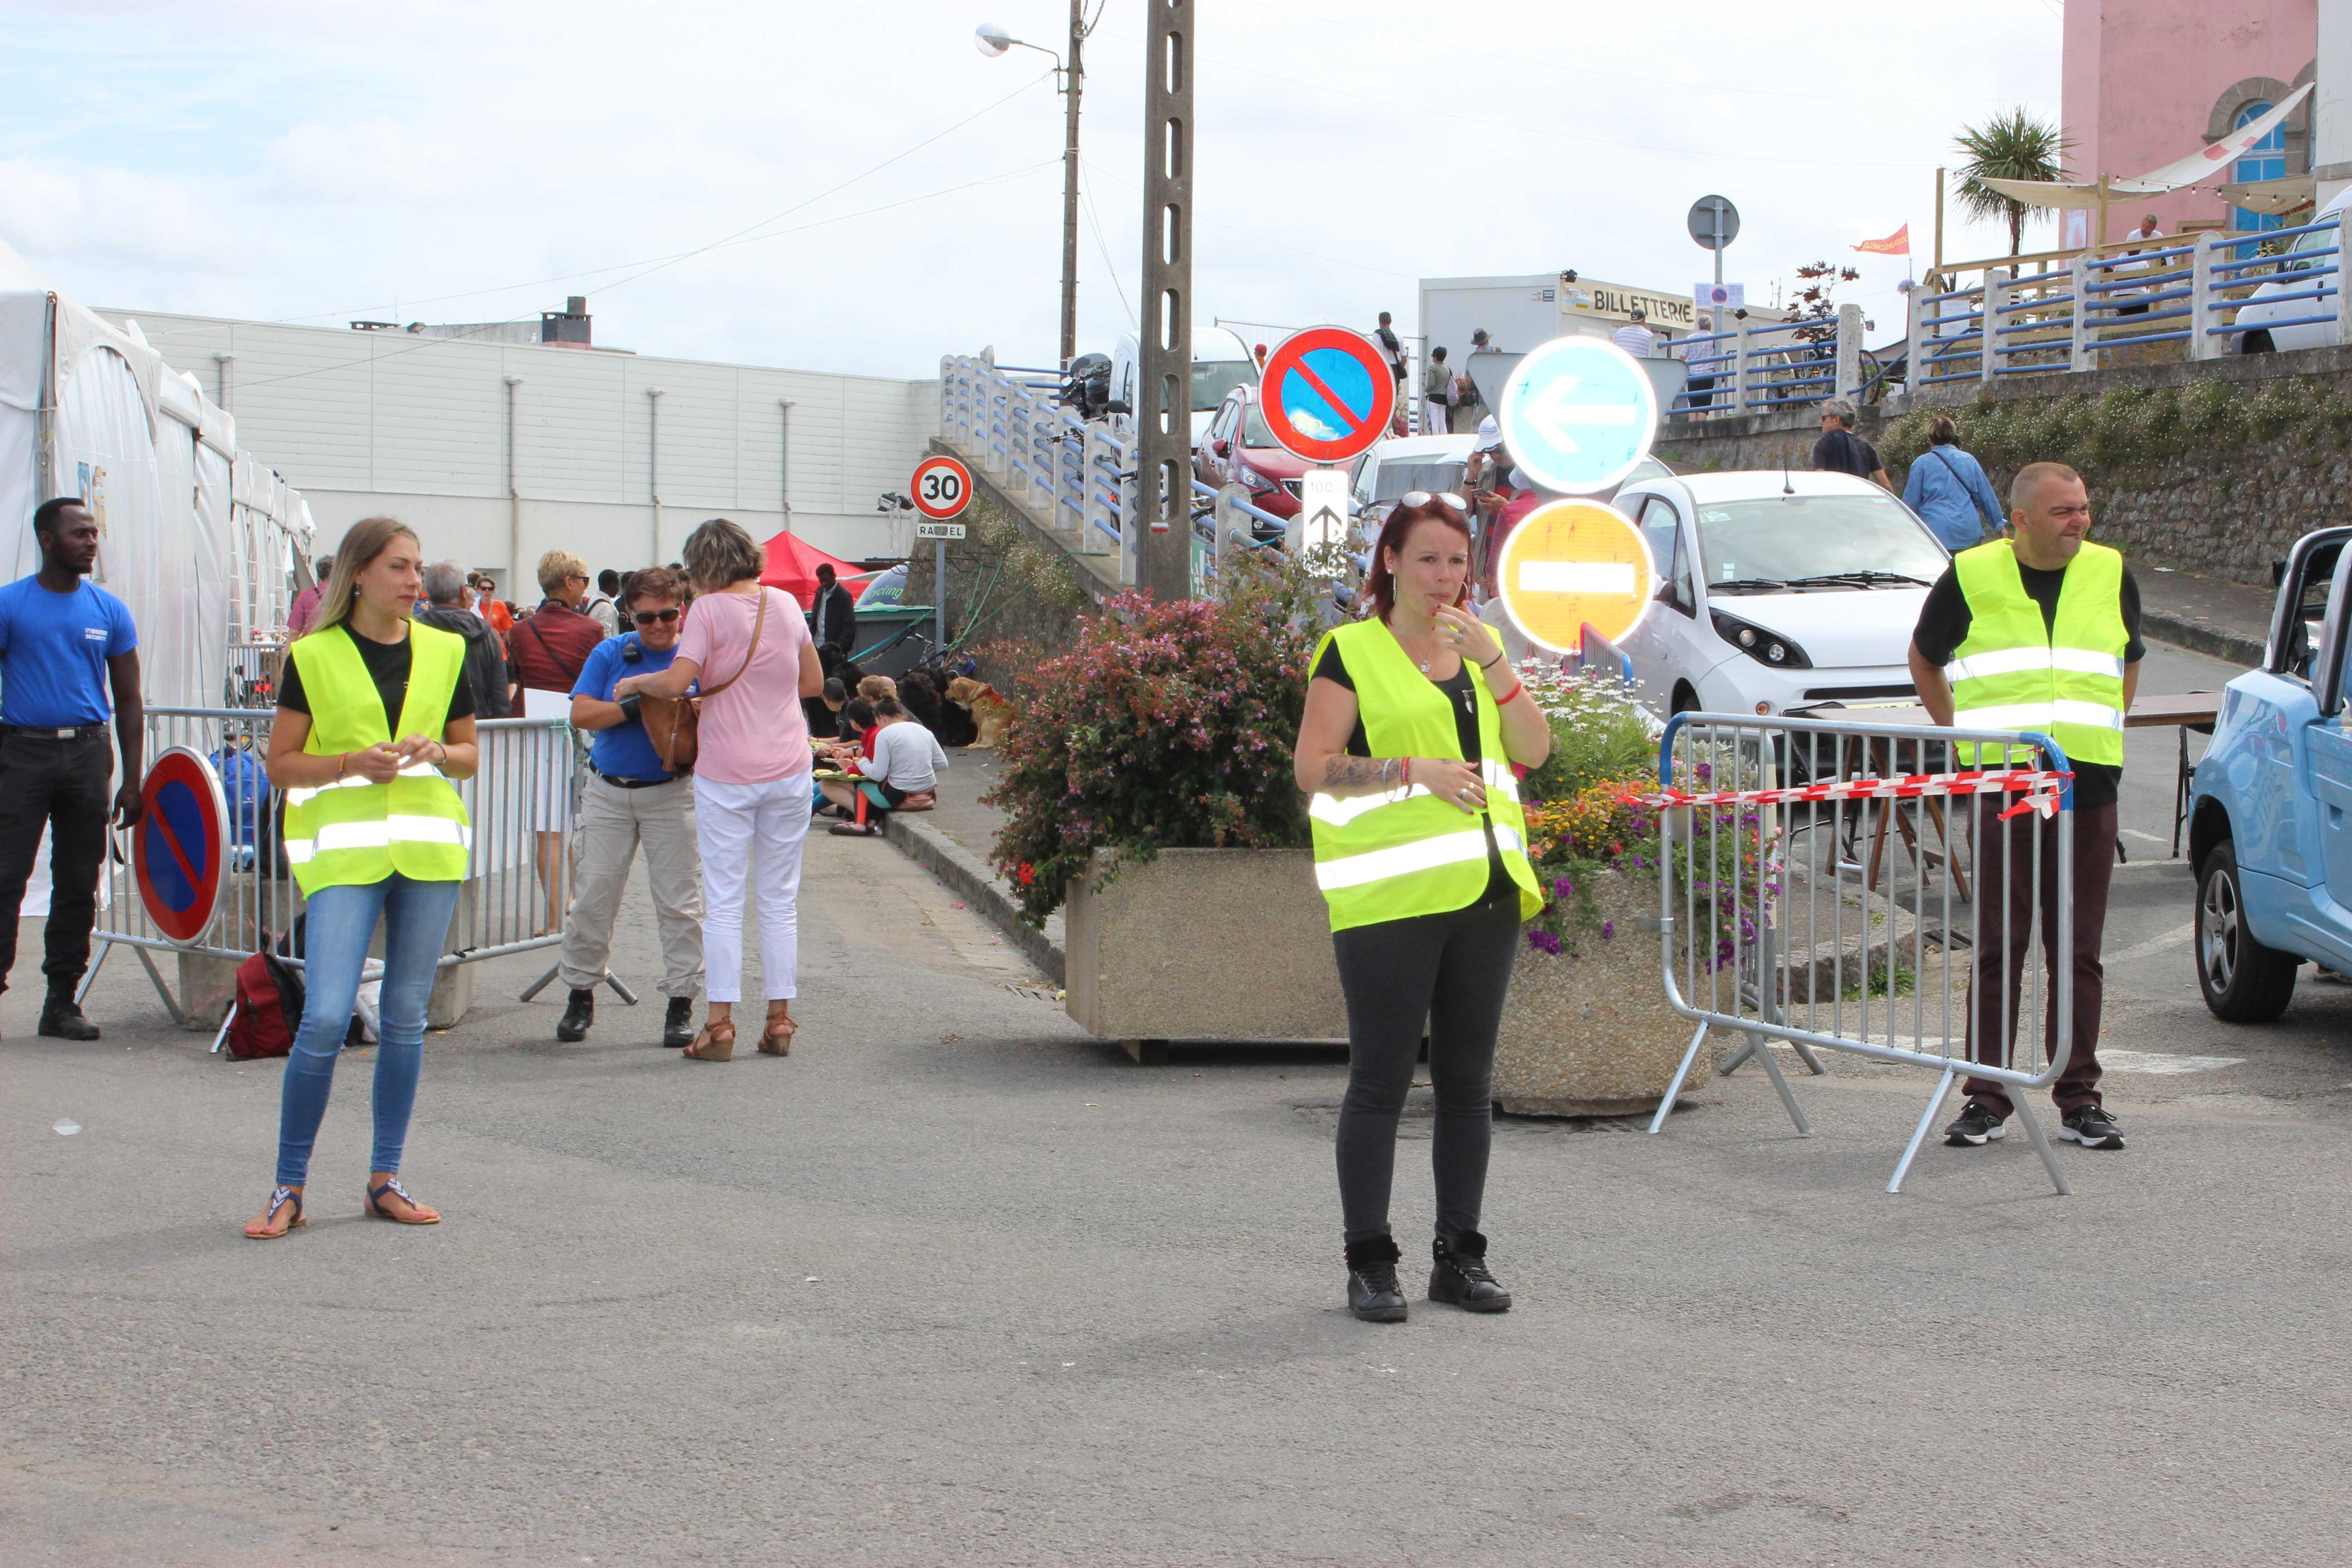 festival, temps fête, bénévoles